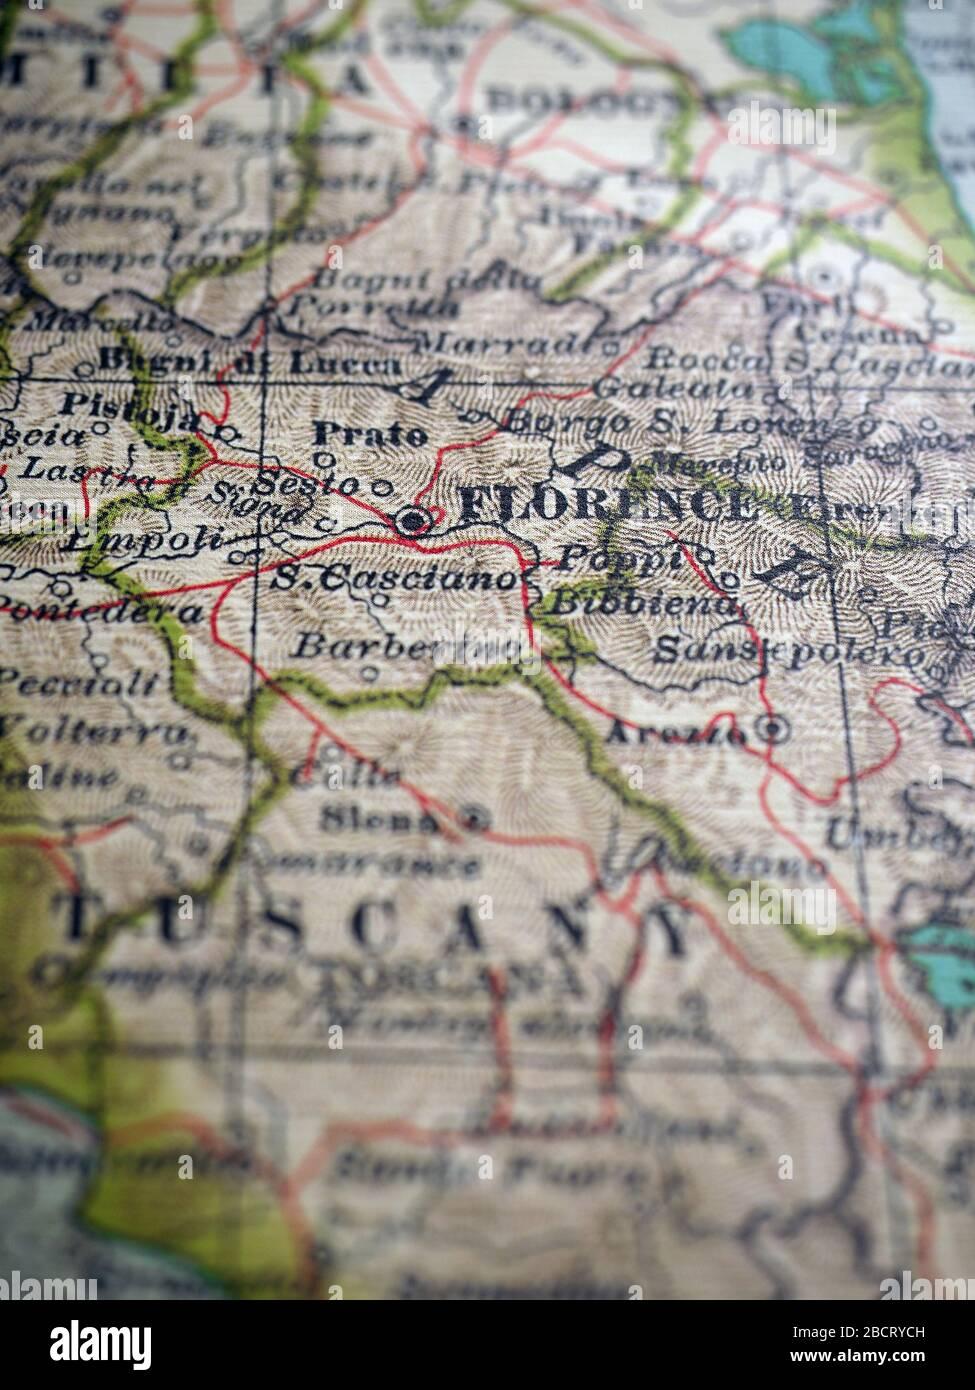 Florence Tuscany Map Italy Europe Stock Photo Alamy